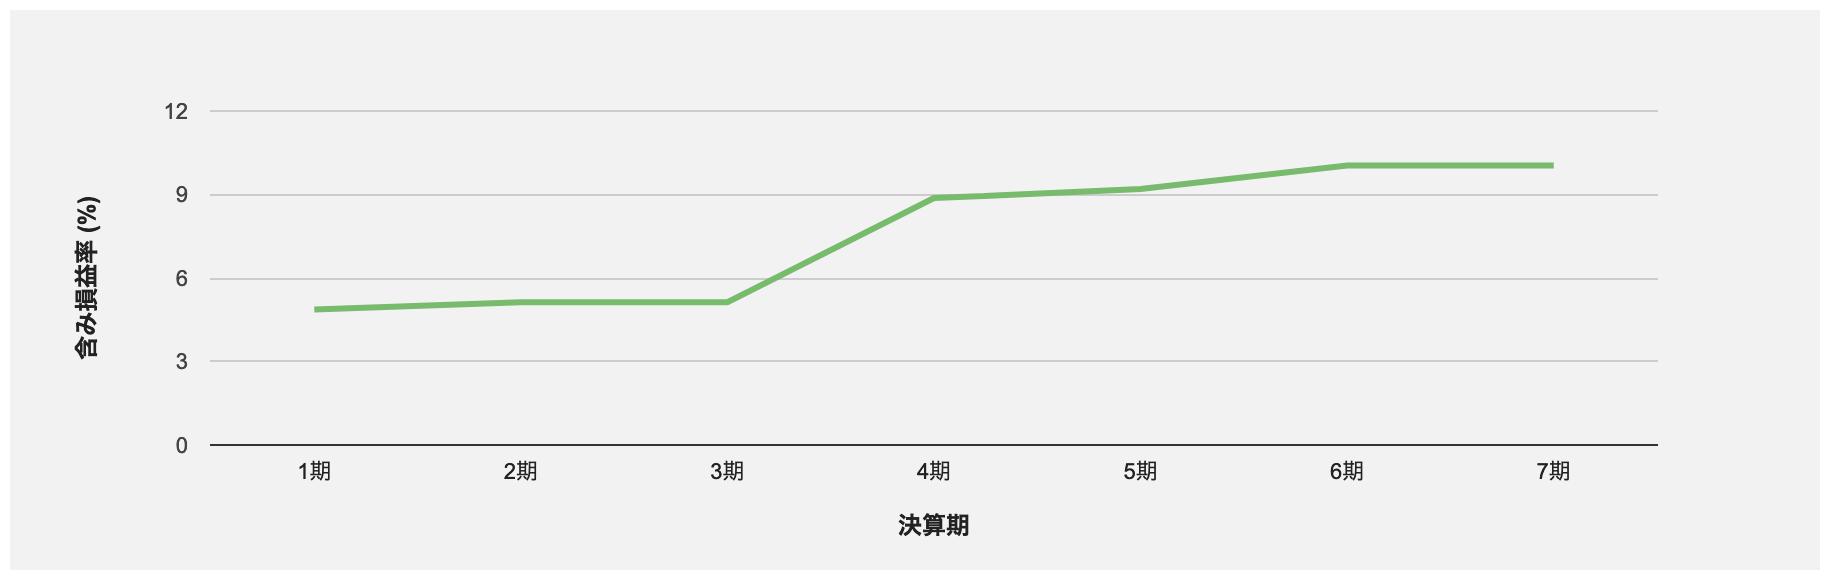 大江戸温泉リートの含み損益率